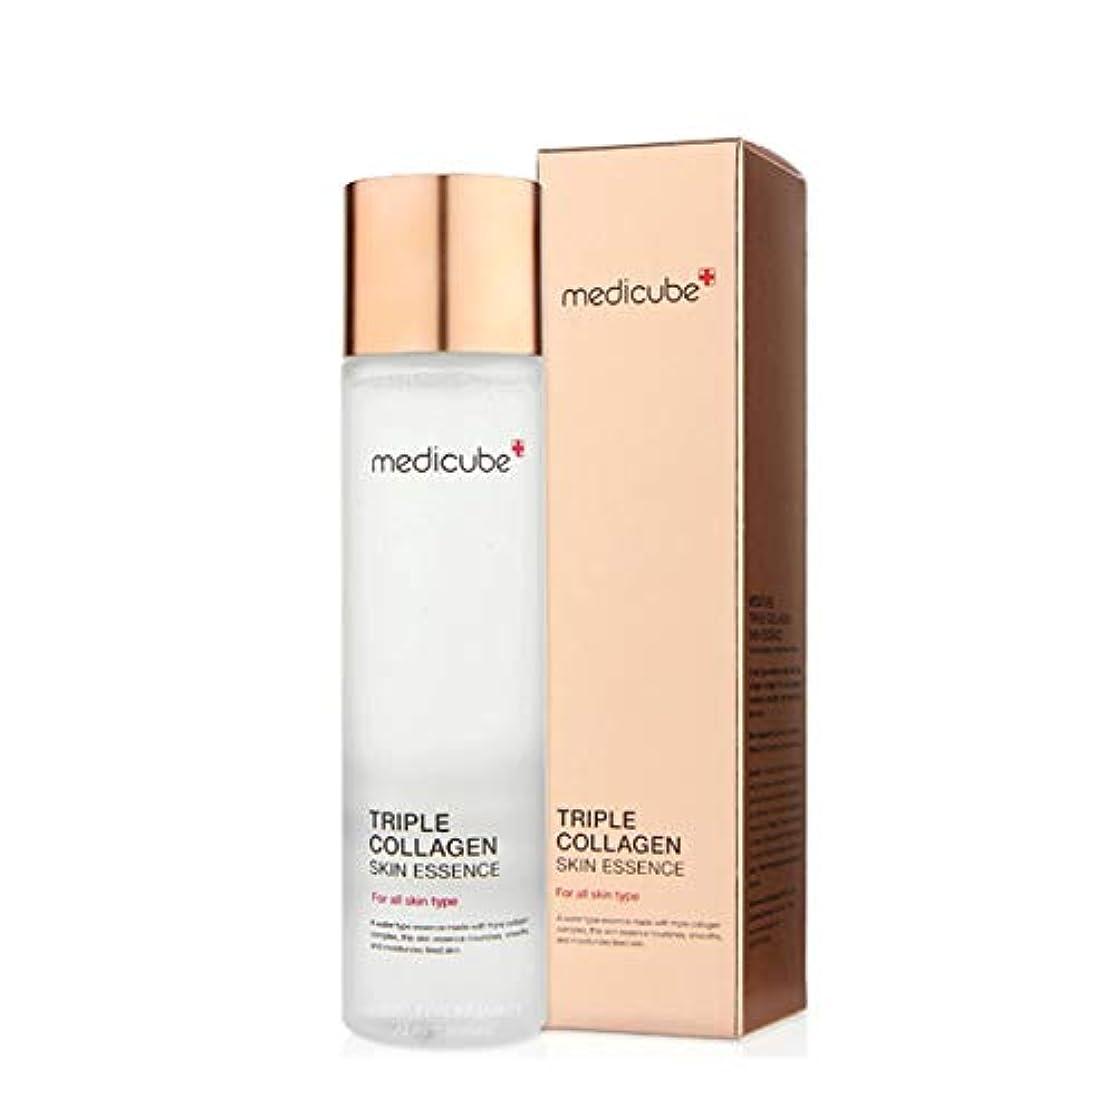 シュガーり教育学メディキューブトリプルコラーゲンスキンエッセンス140ml 韓国コスメ、Medicube Triple Collagen Skin Essence 140ml Korean Cosmetics [並行輸入品]